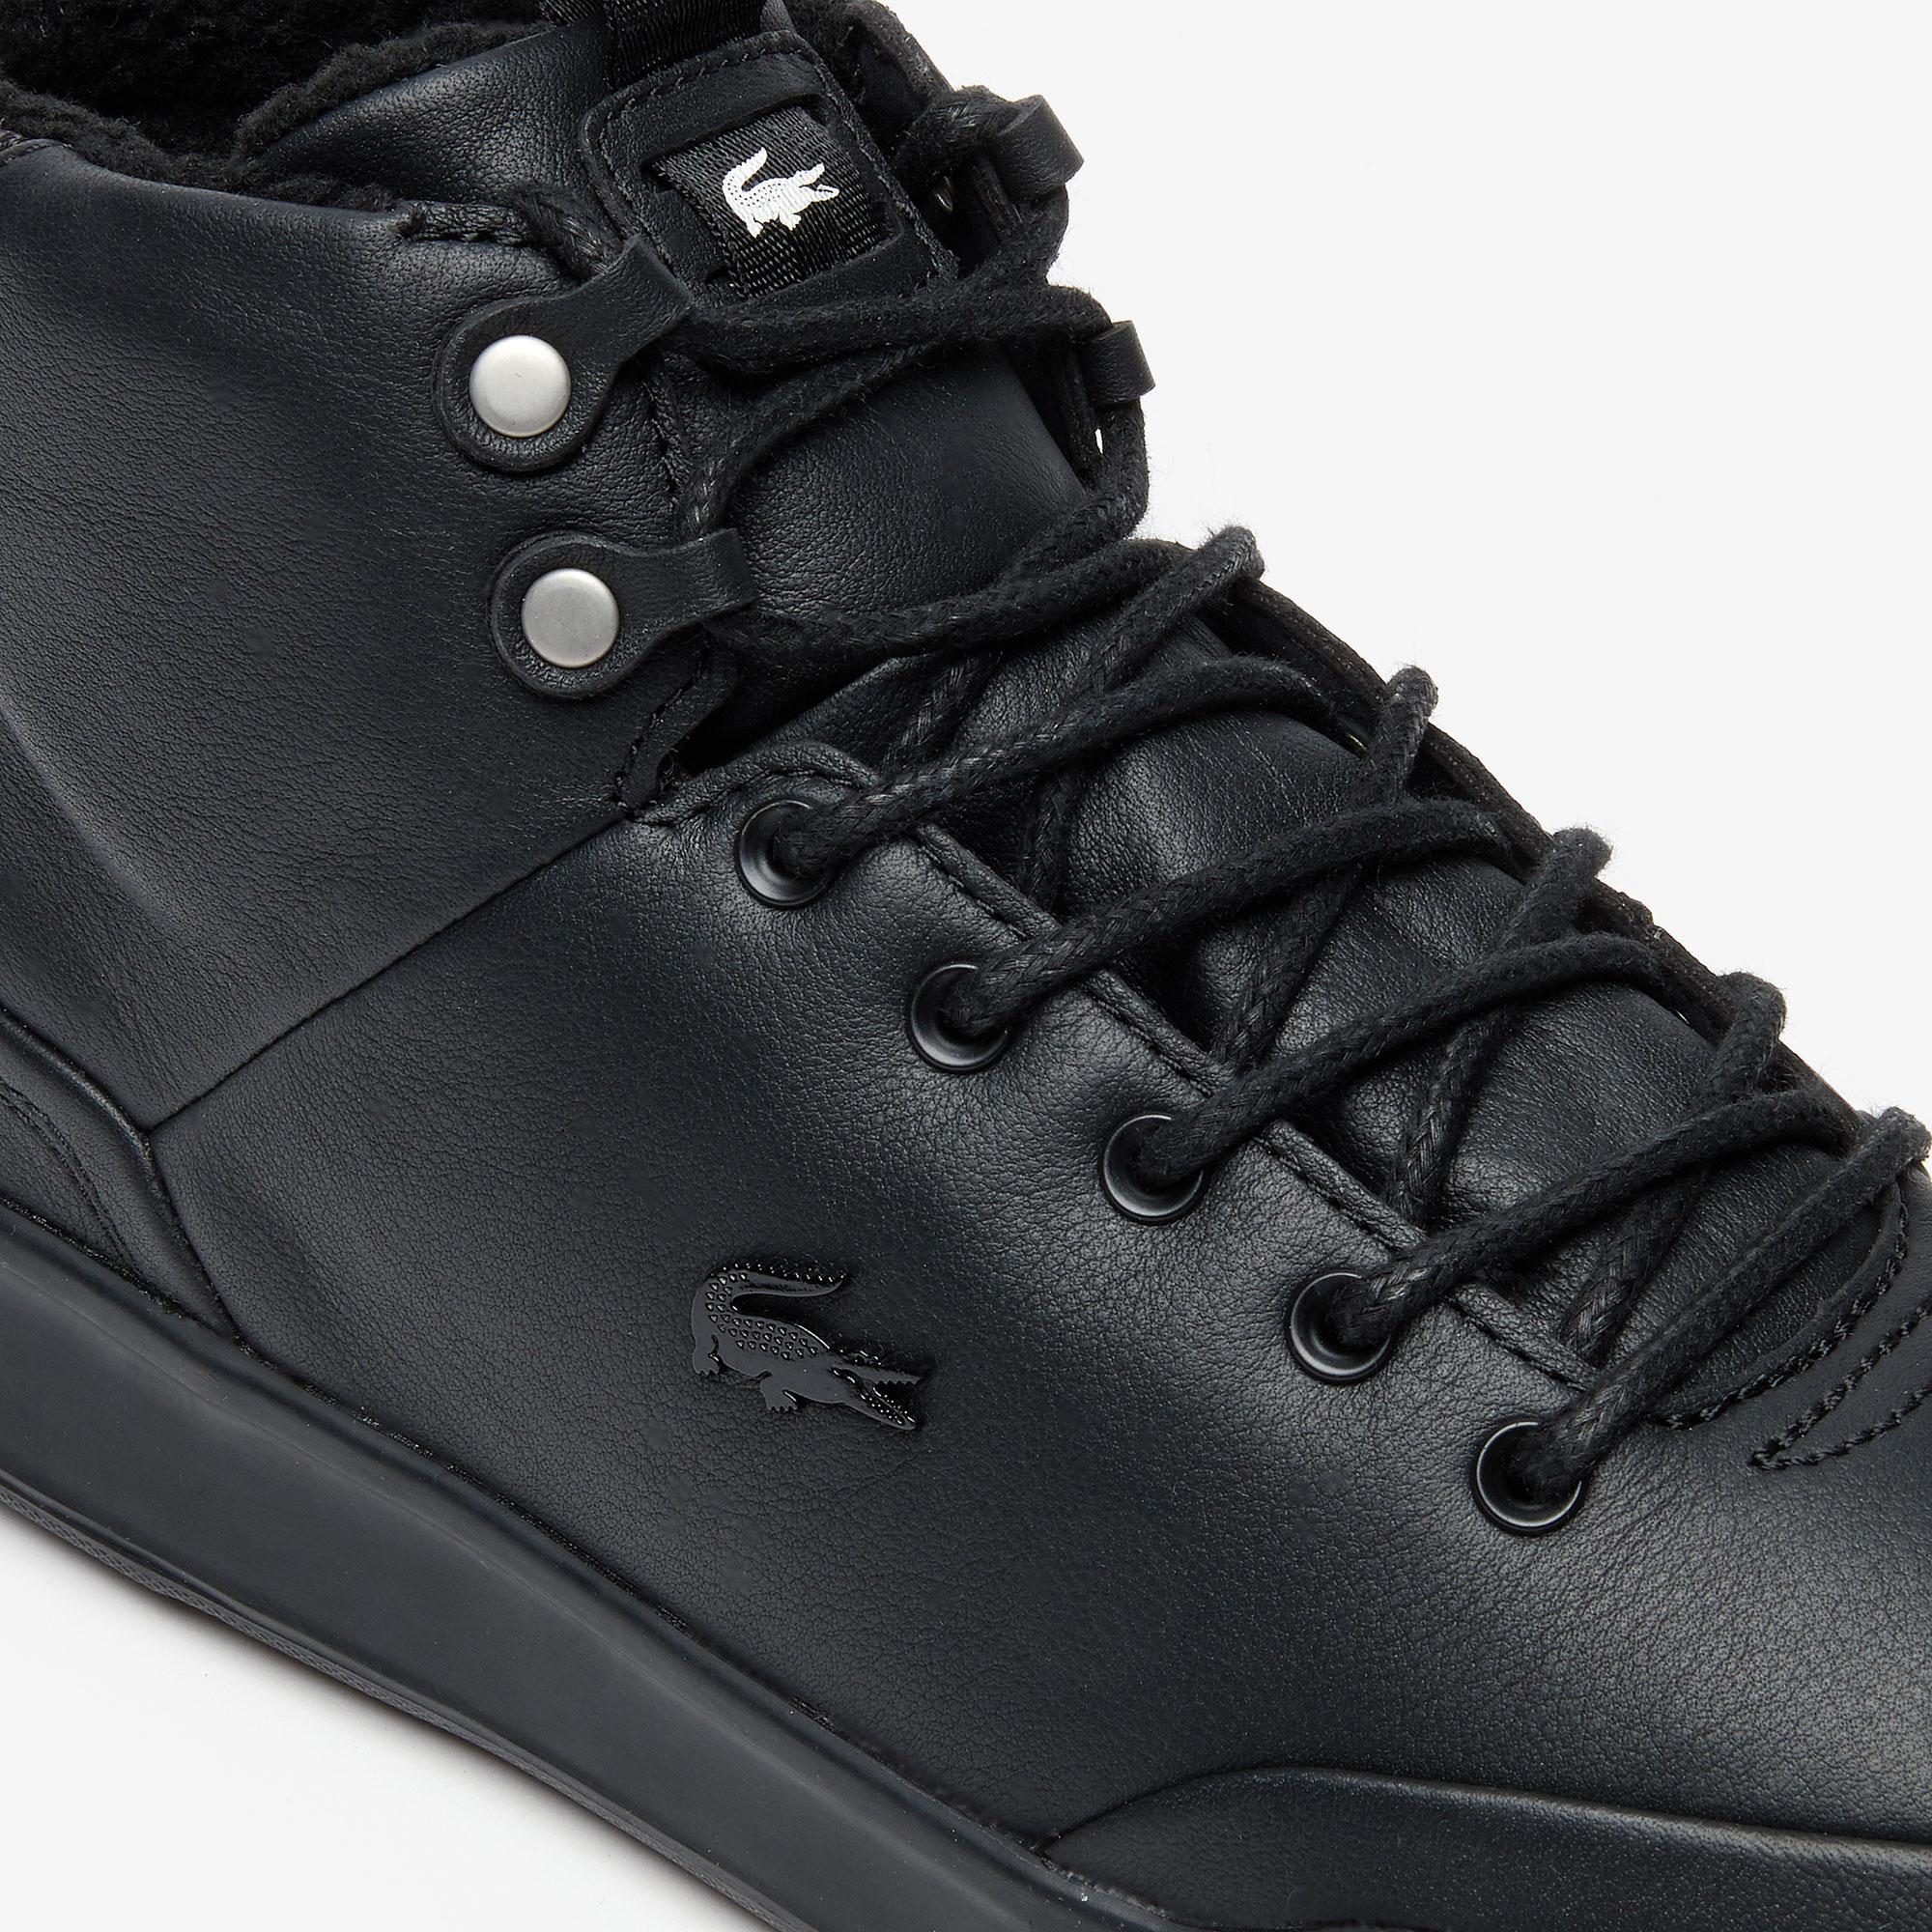 Lacoste Men's Shoes